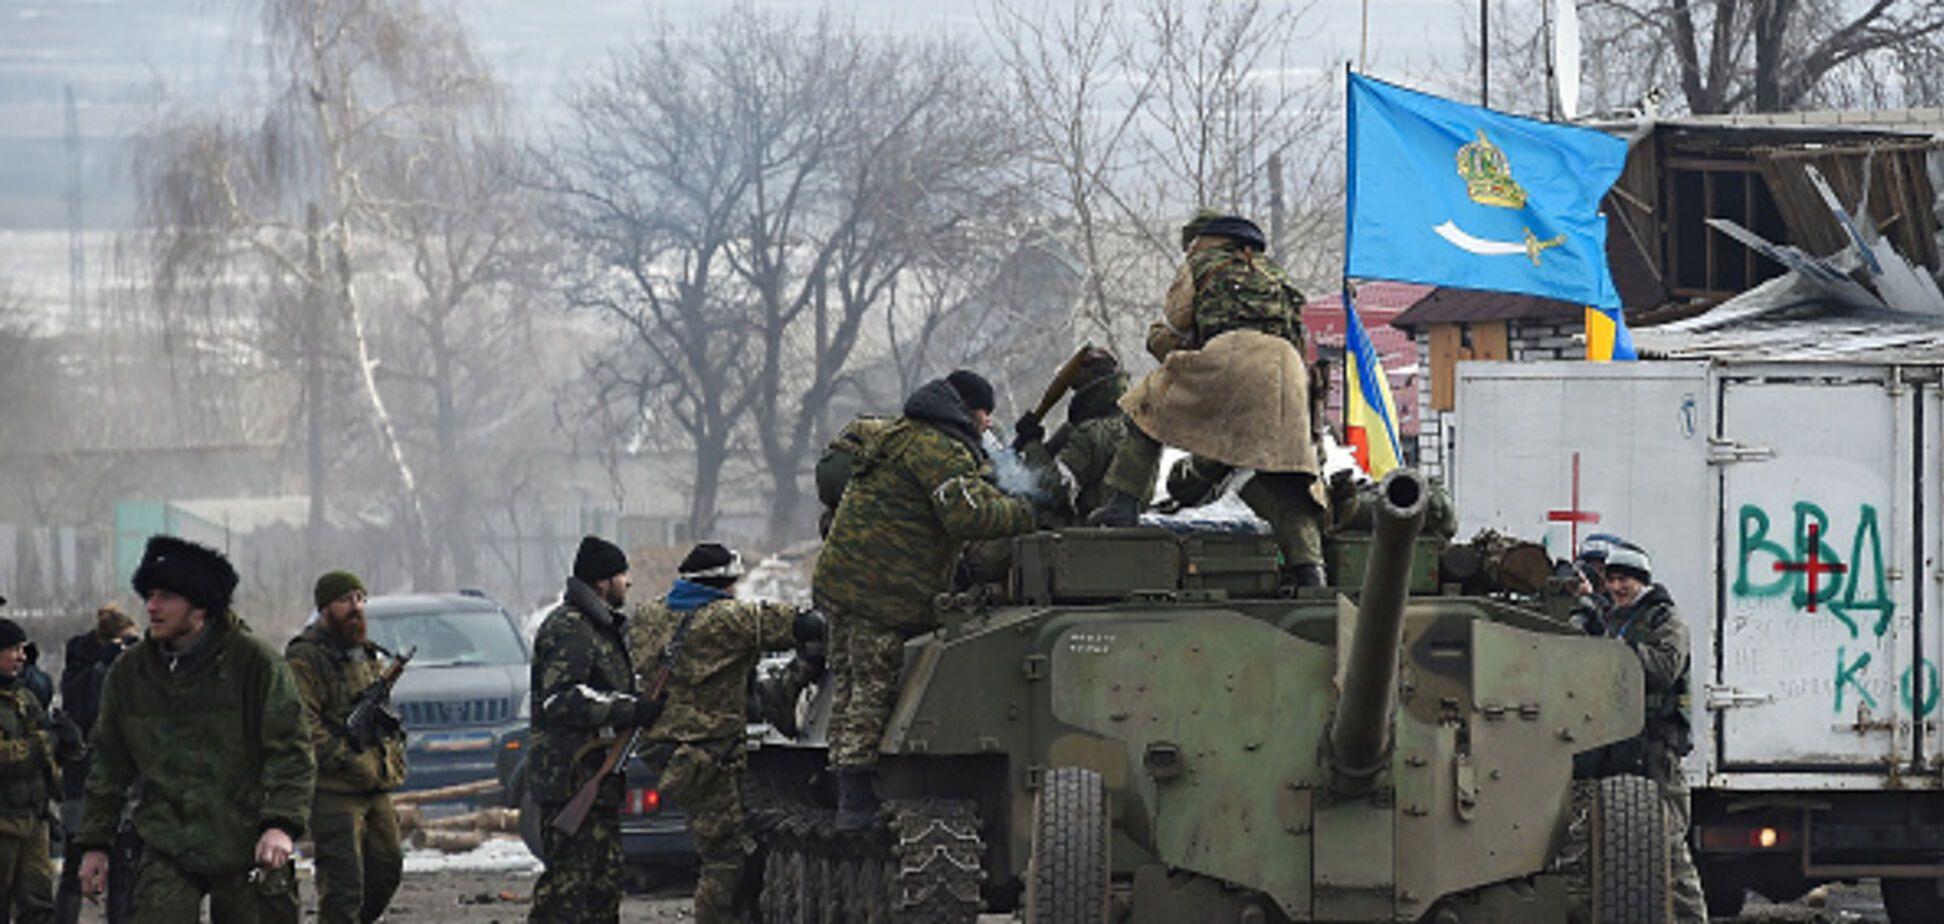 В 'ДНР' показали удар по ВСУ из запрещенного оружия: шокирующая аэросъемка